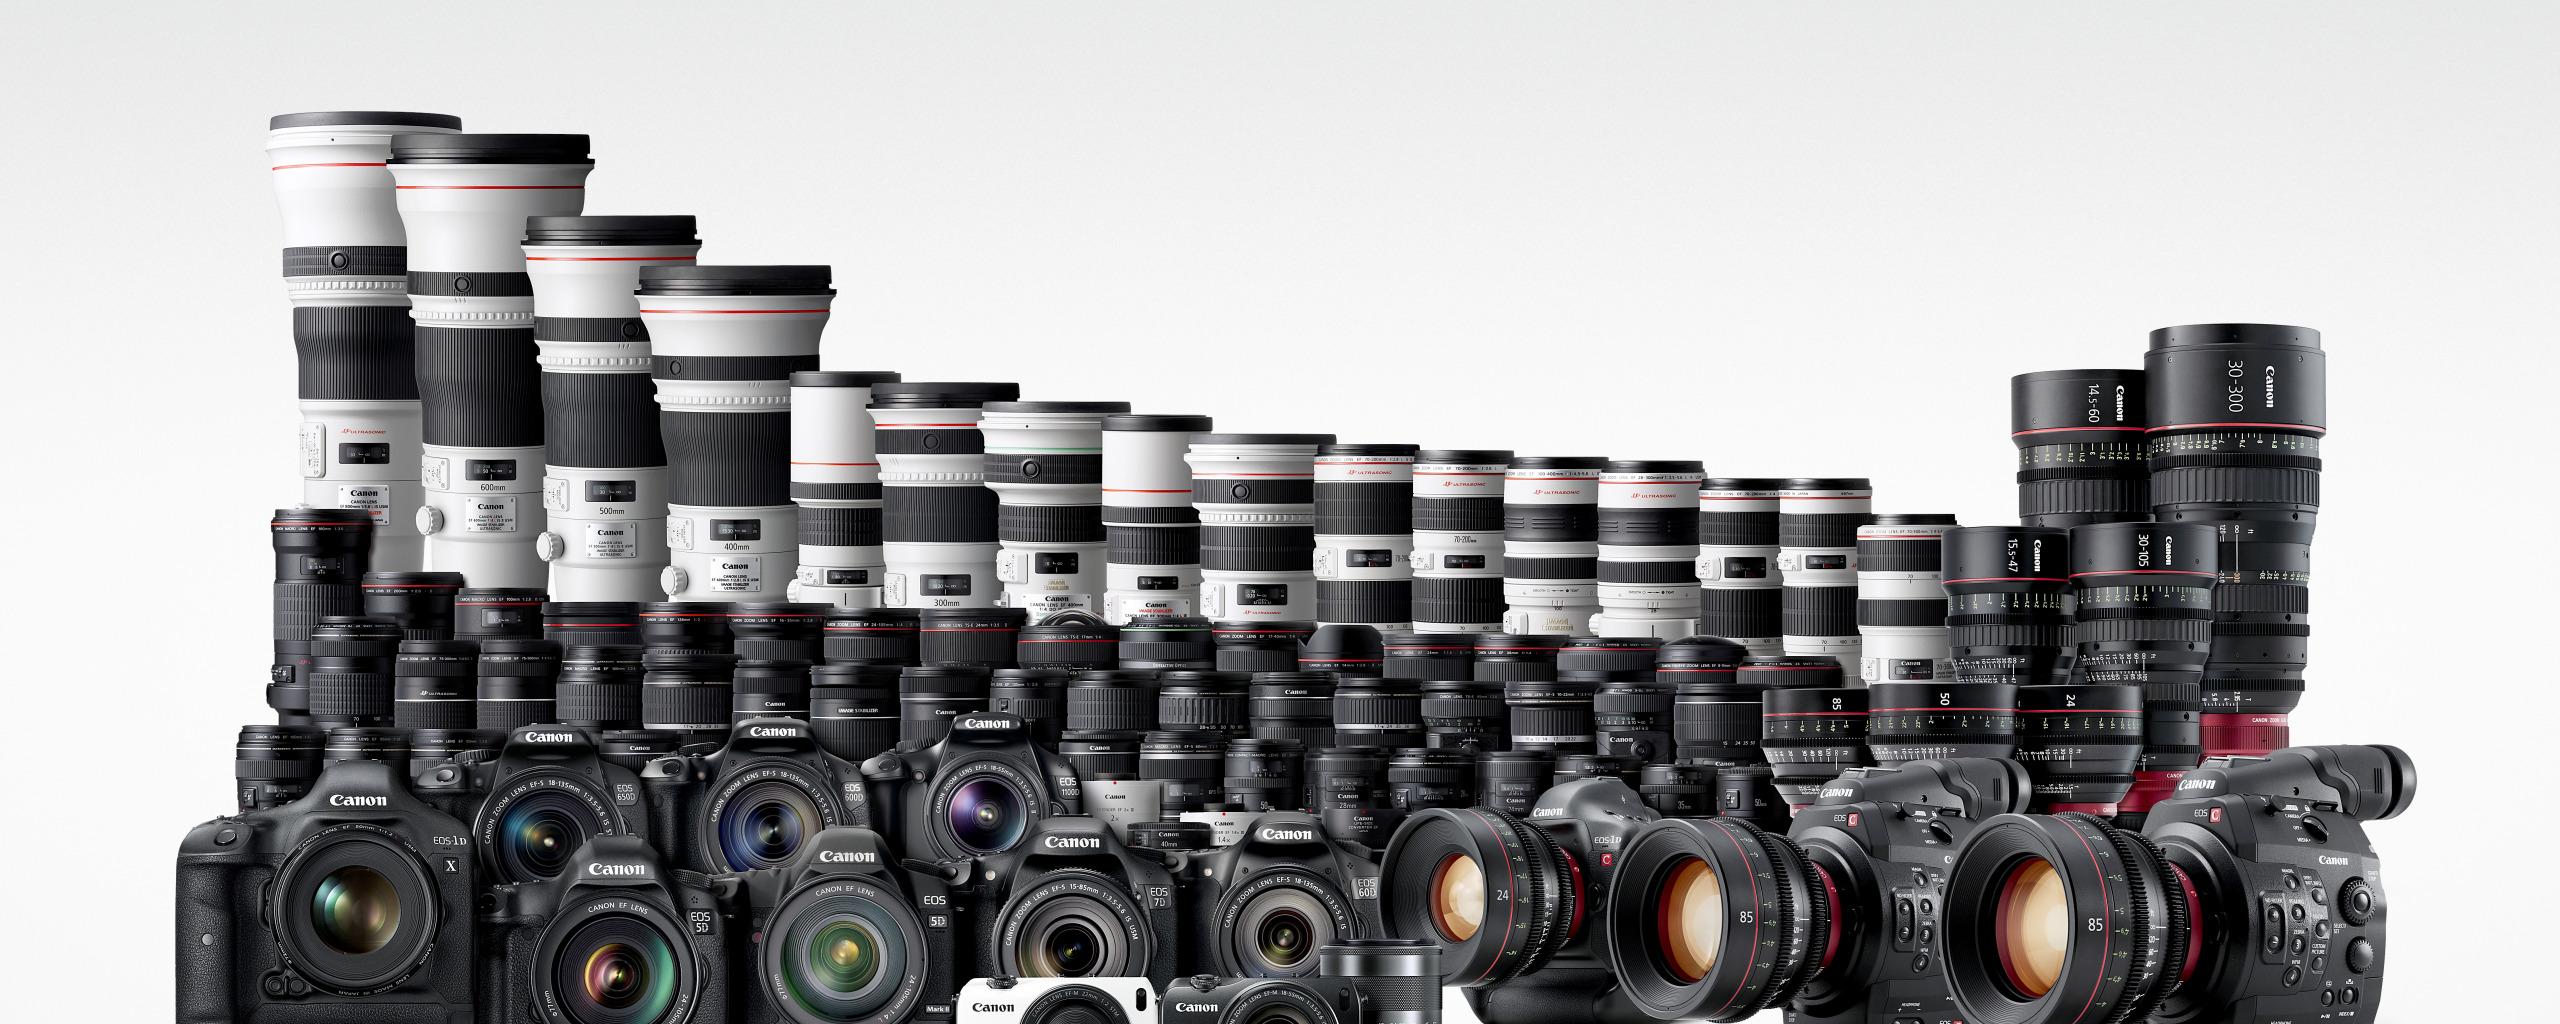 полезный, много фотоаппаратов картинка изнаночную часть